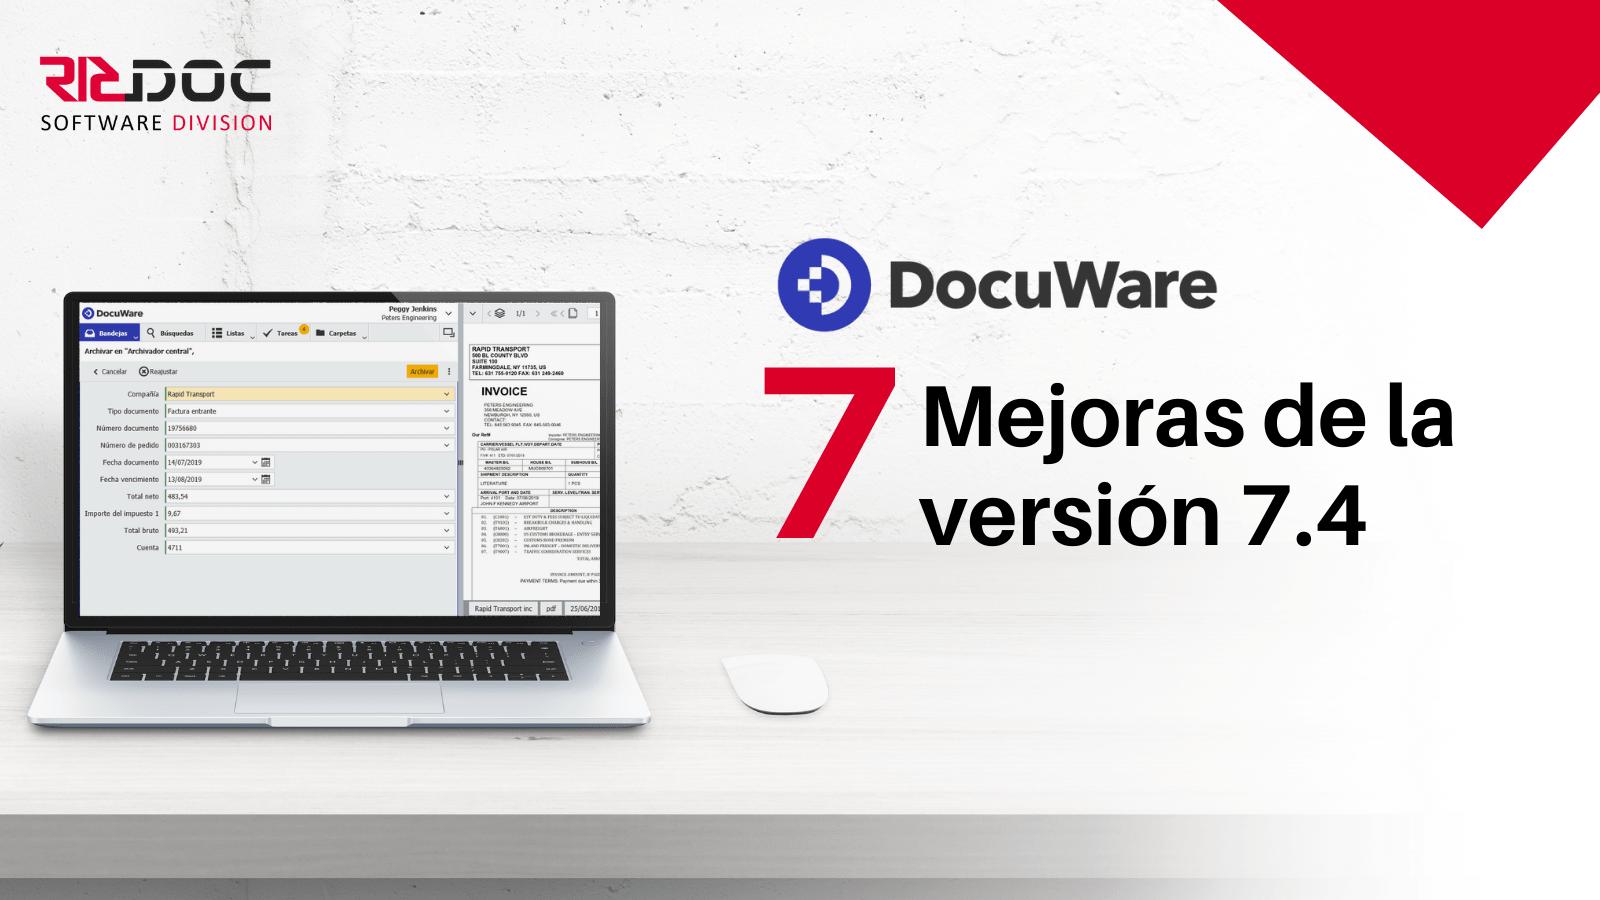 7 Novedades más destacadas de la última versión 7.4 de Docuware